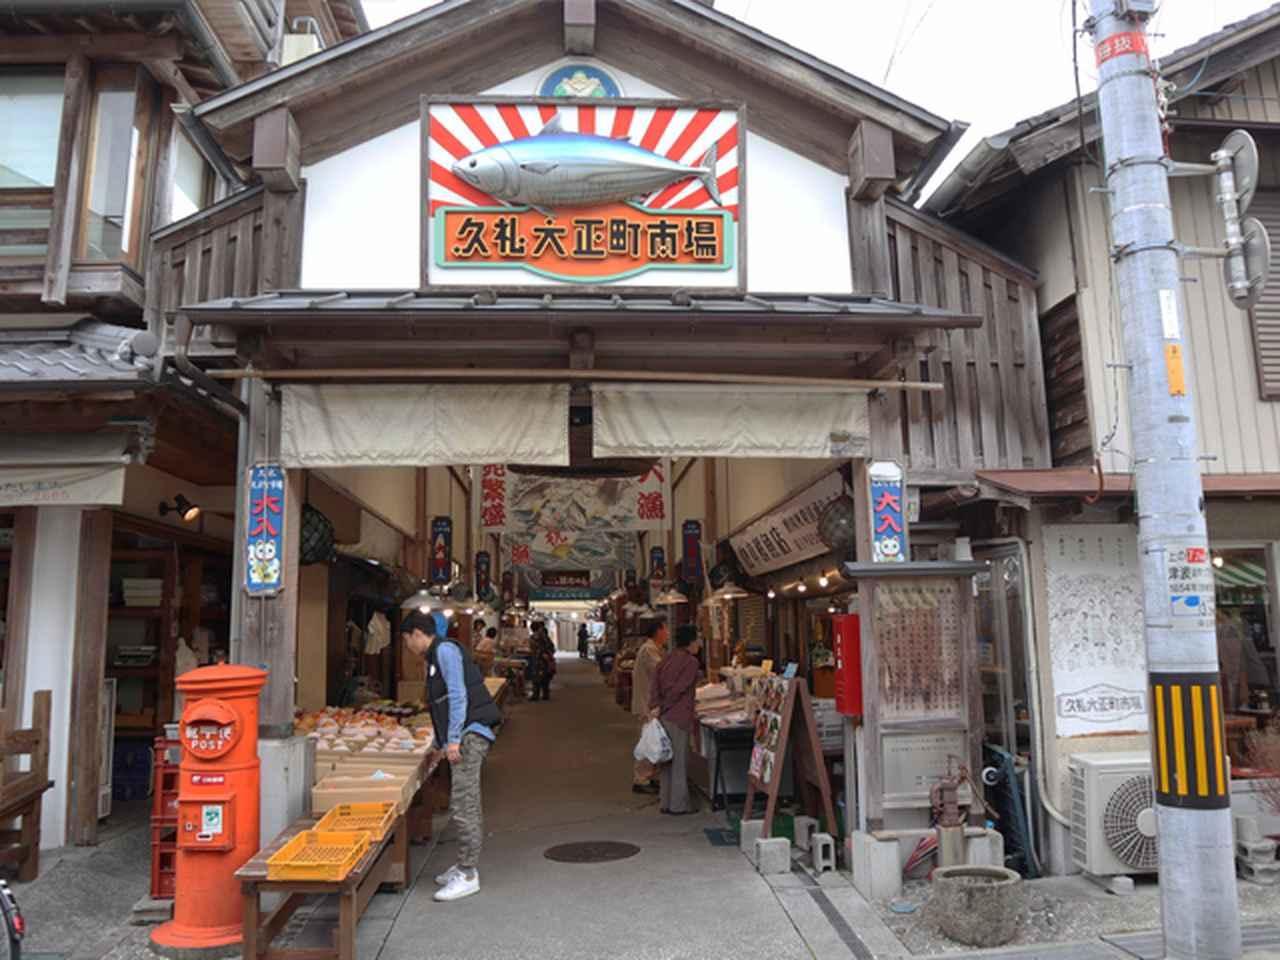 画像: 12:00 久礼大正町市場(くれたいしょうまちいちば)で名物「久礼丼」を味わうランチタイム